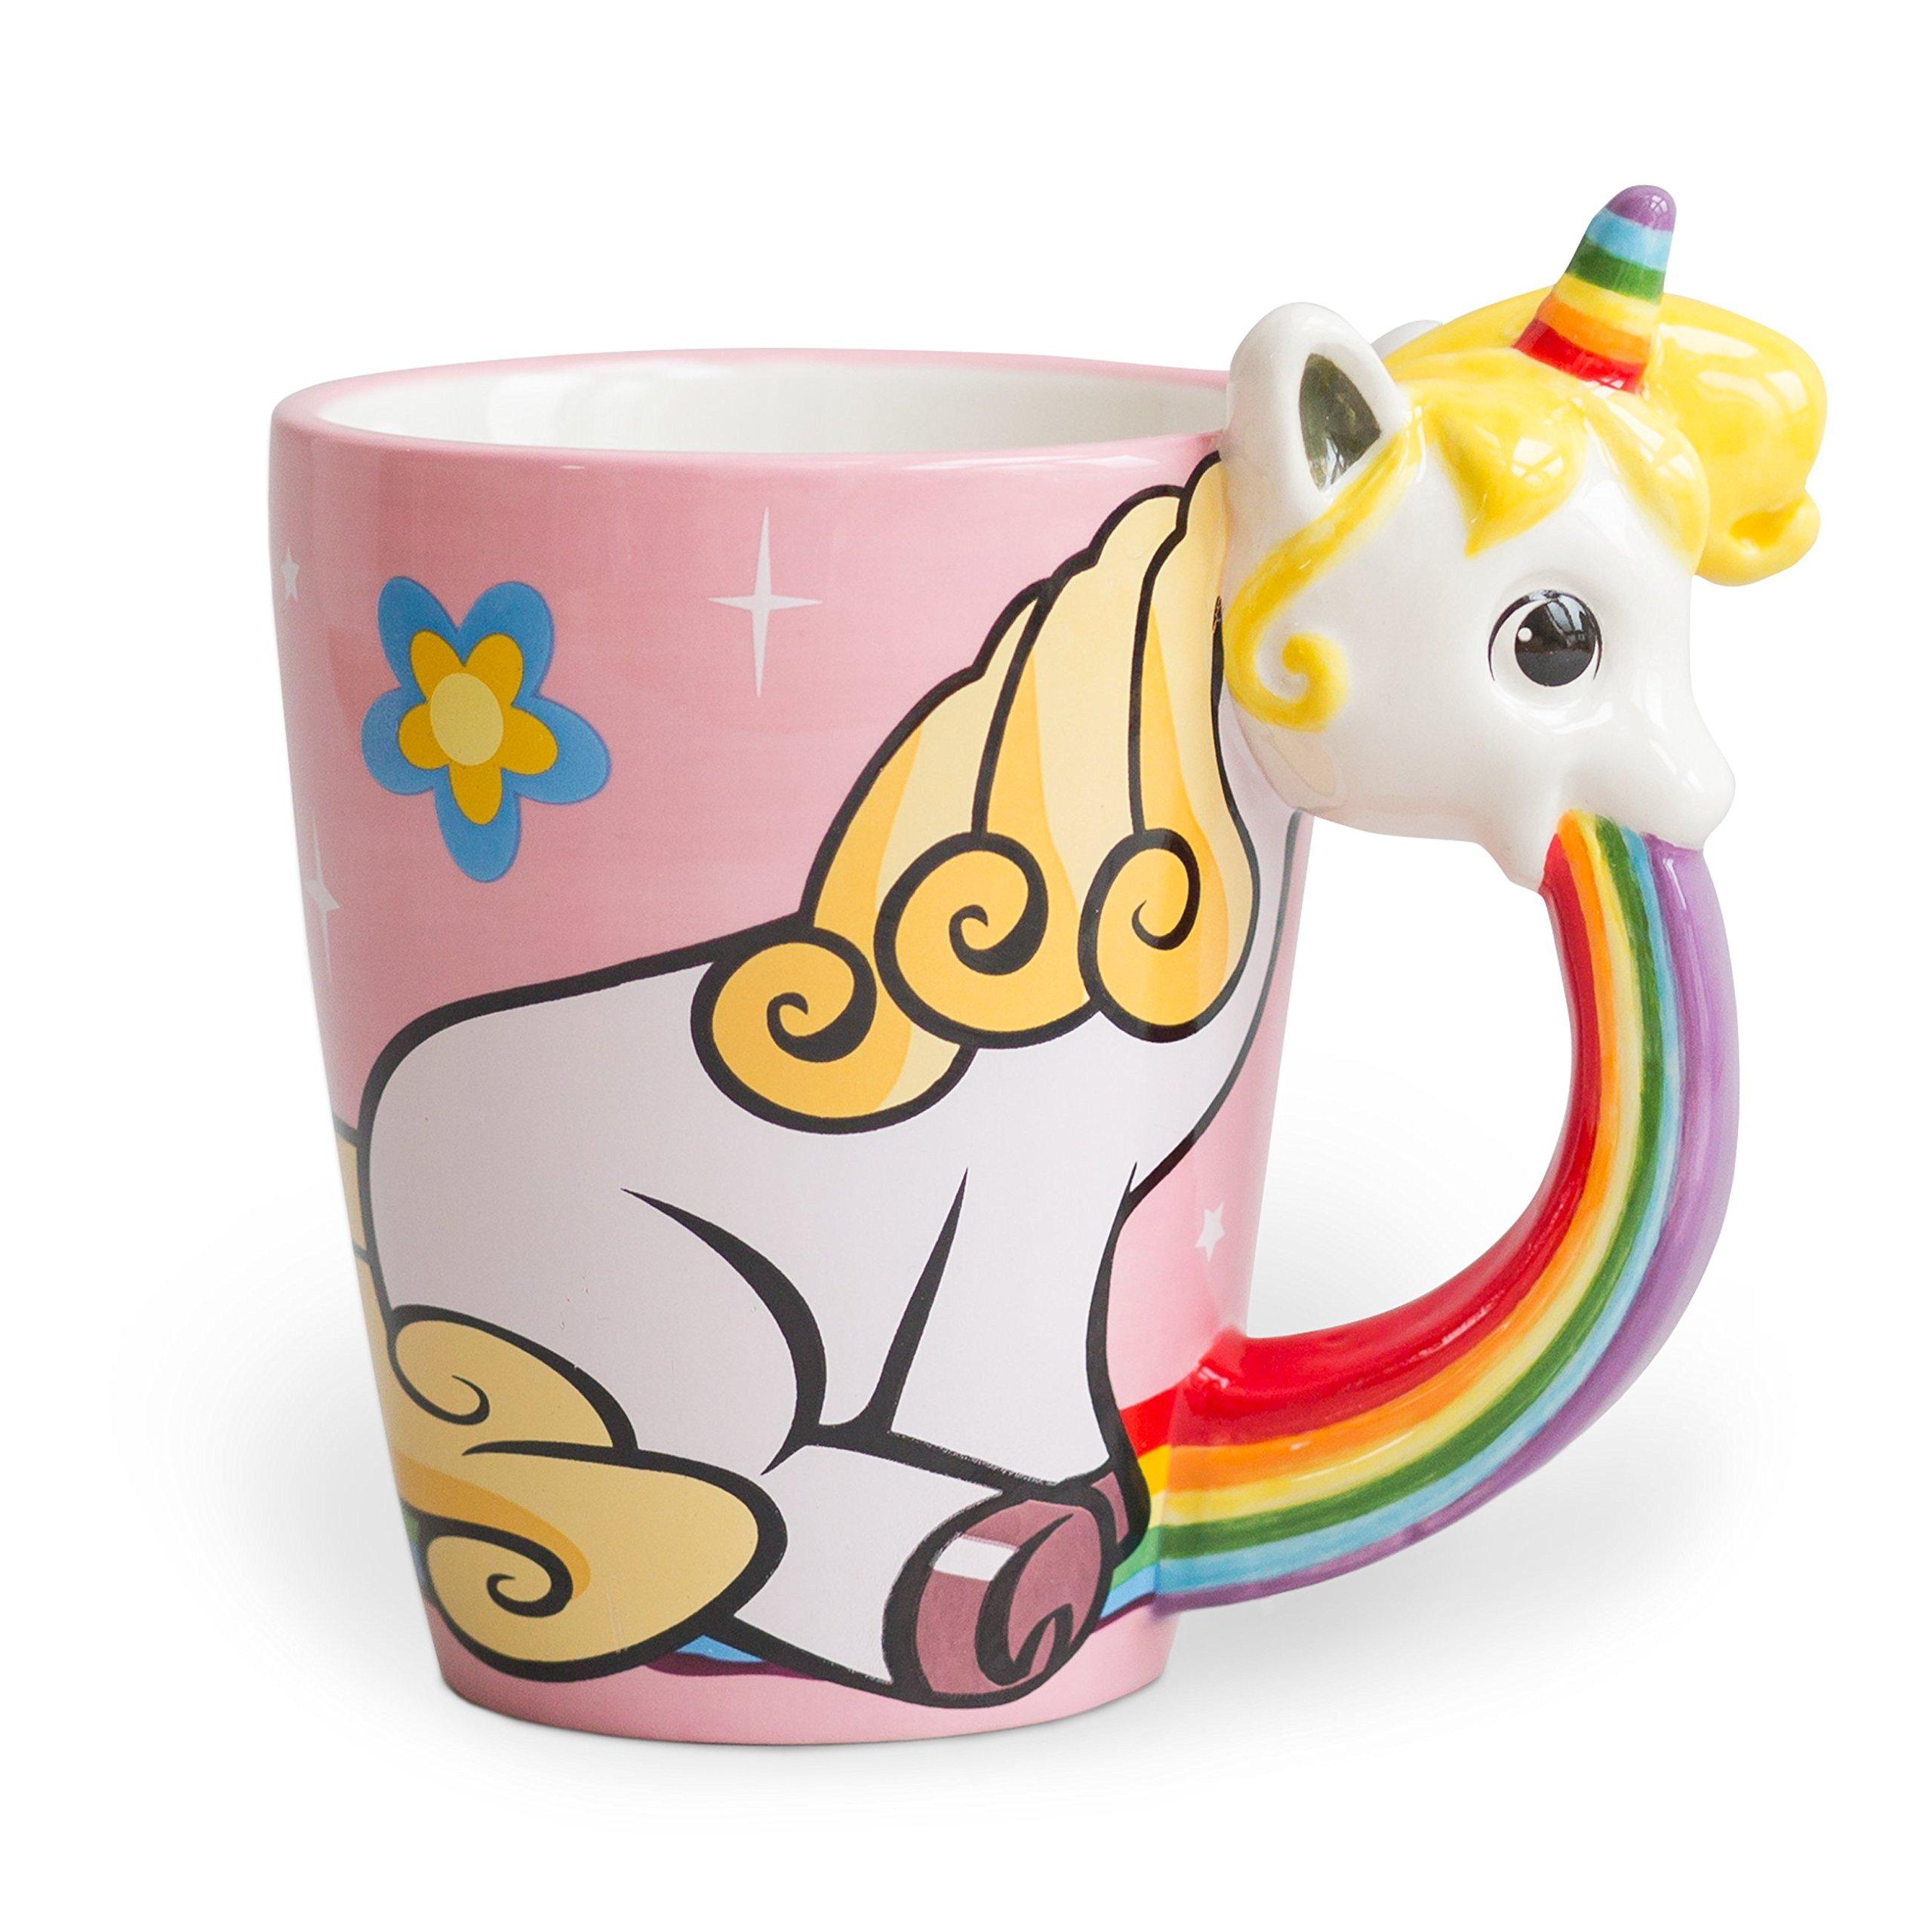 el & groove Einhorn-Tasse groß bunt in 3D, Kaffee-Tasse 350ml (400ml randvoll), Tee-Tasse Einhorn aus Keramik in Rosa, Unicorn Becher, Geschenkidee, Geschenk für Frauen, Geschenk Weihnacht Bild